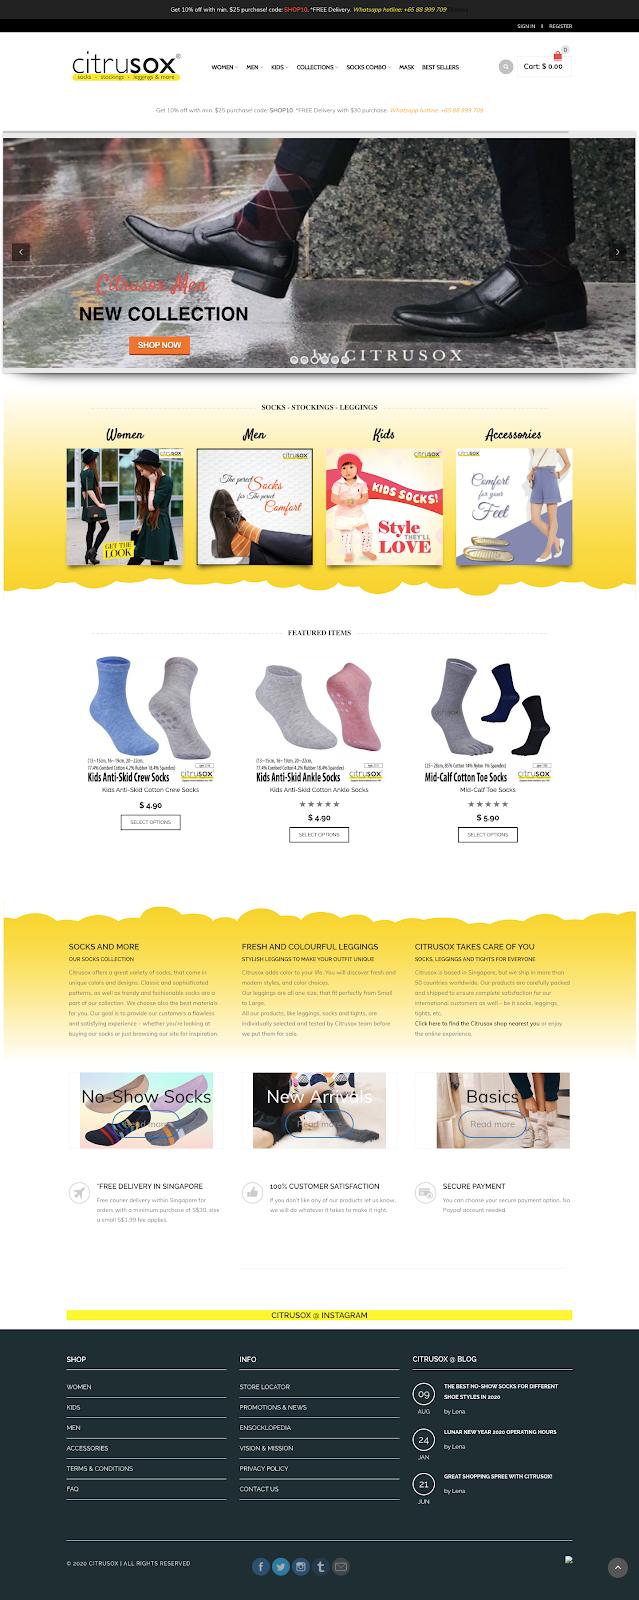 Citrusox ecommerce website design